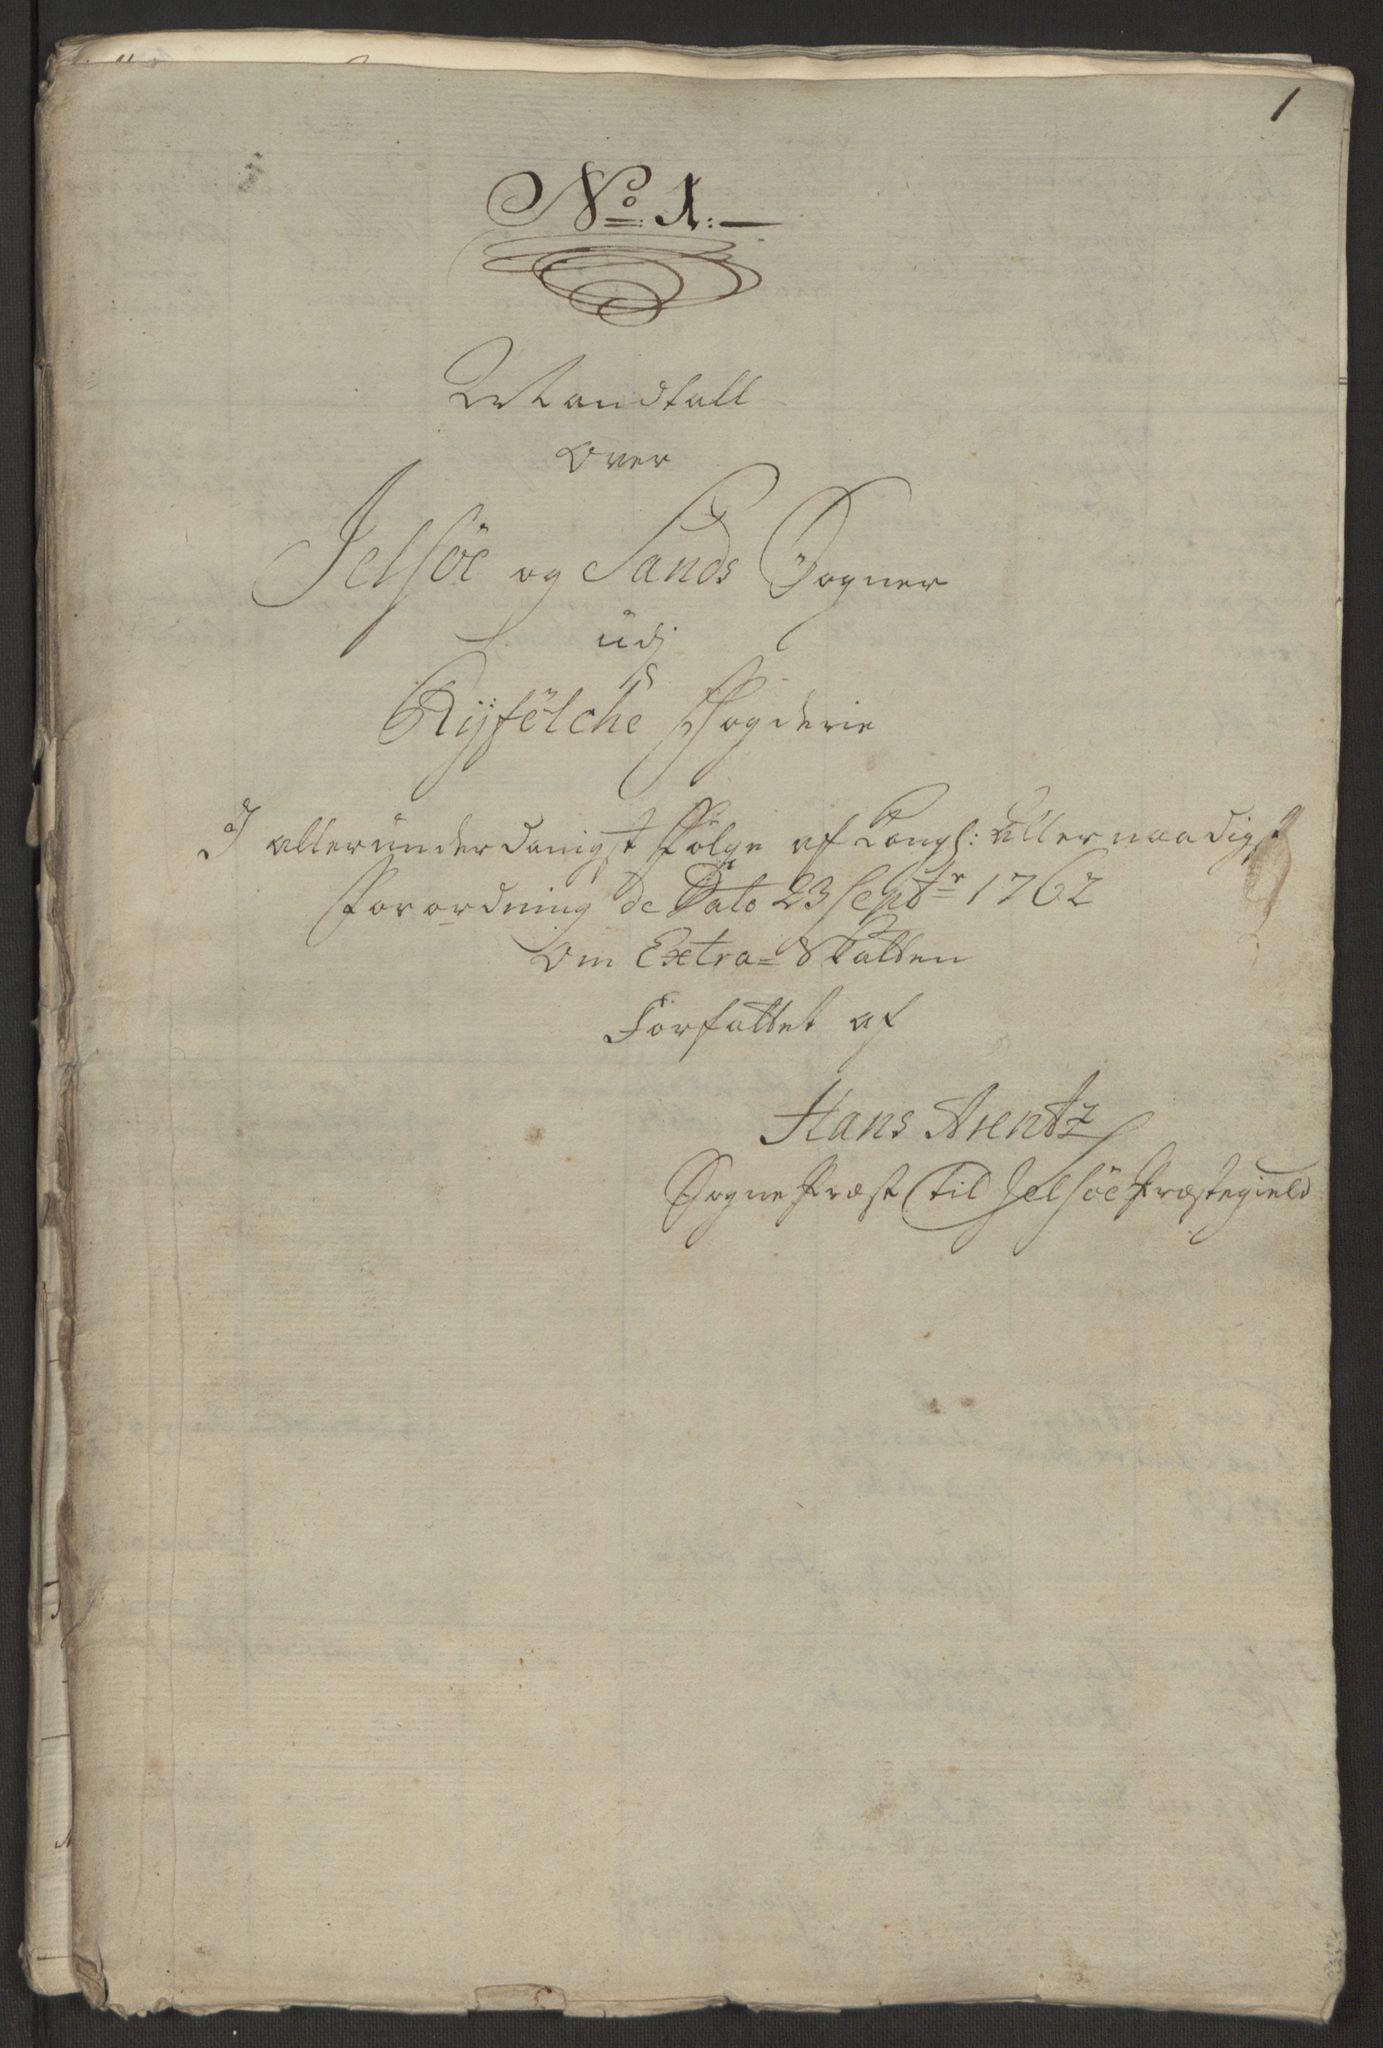 RA, Rentekammeret inntil 1814, Reviderte regnskaper, Hovedkasseregnskaper, Rf/L0072b: Ekstraskatteregnskap, 1762, s. 81